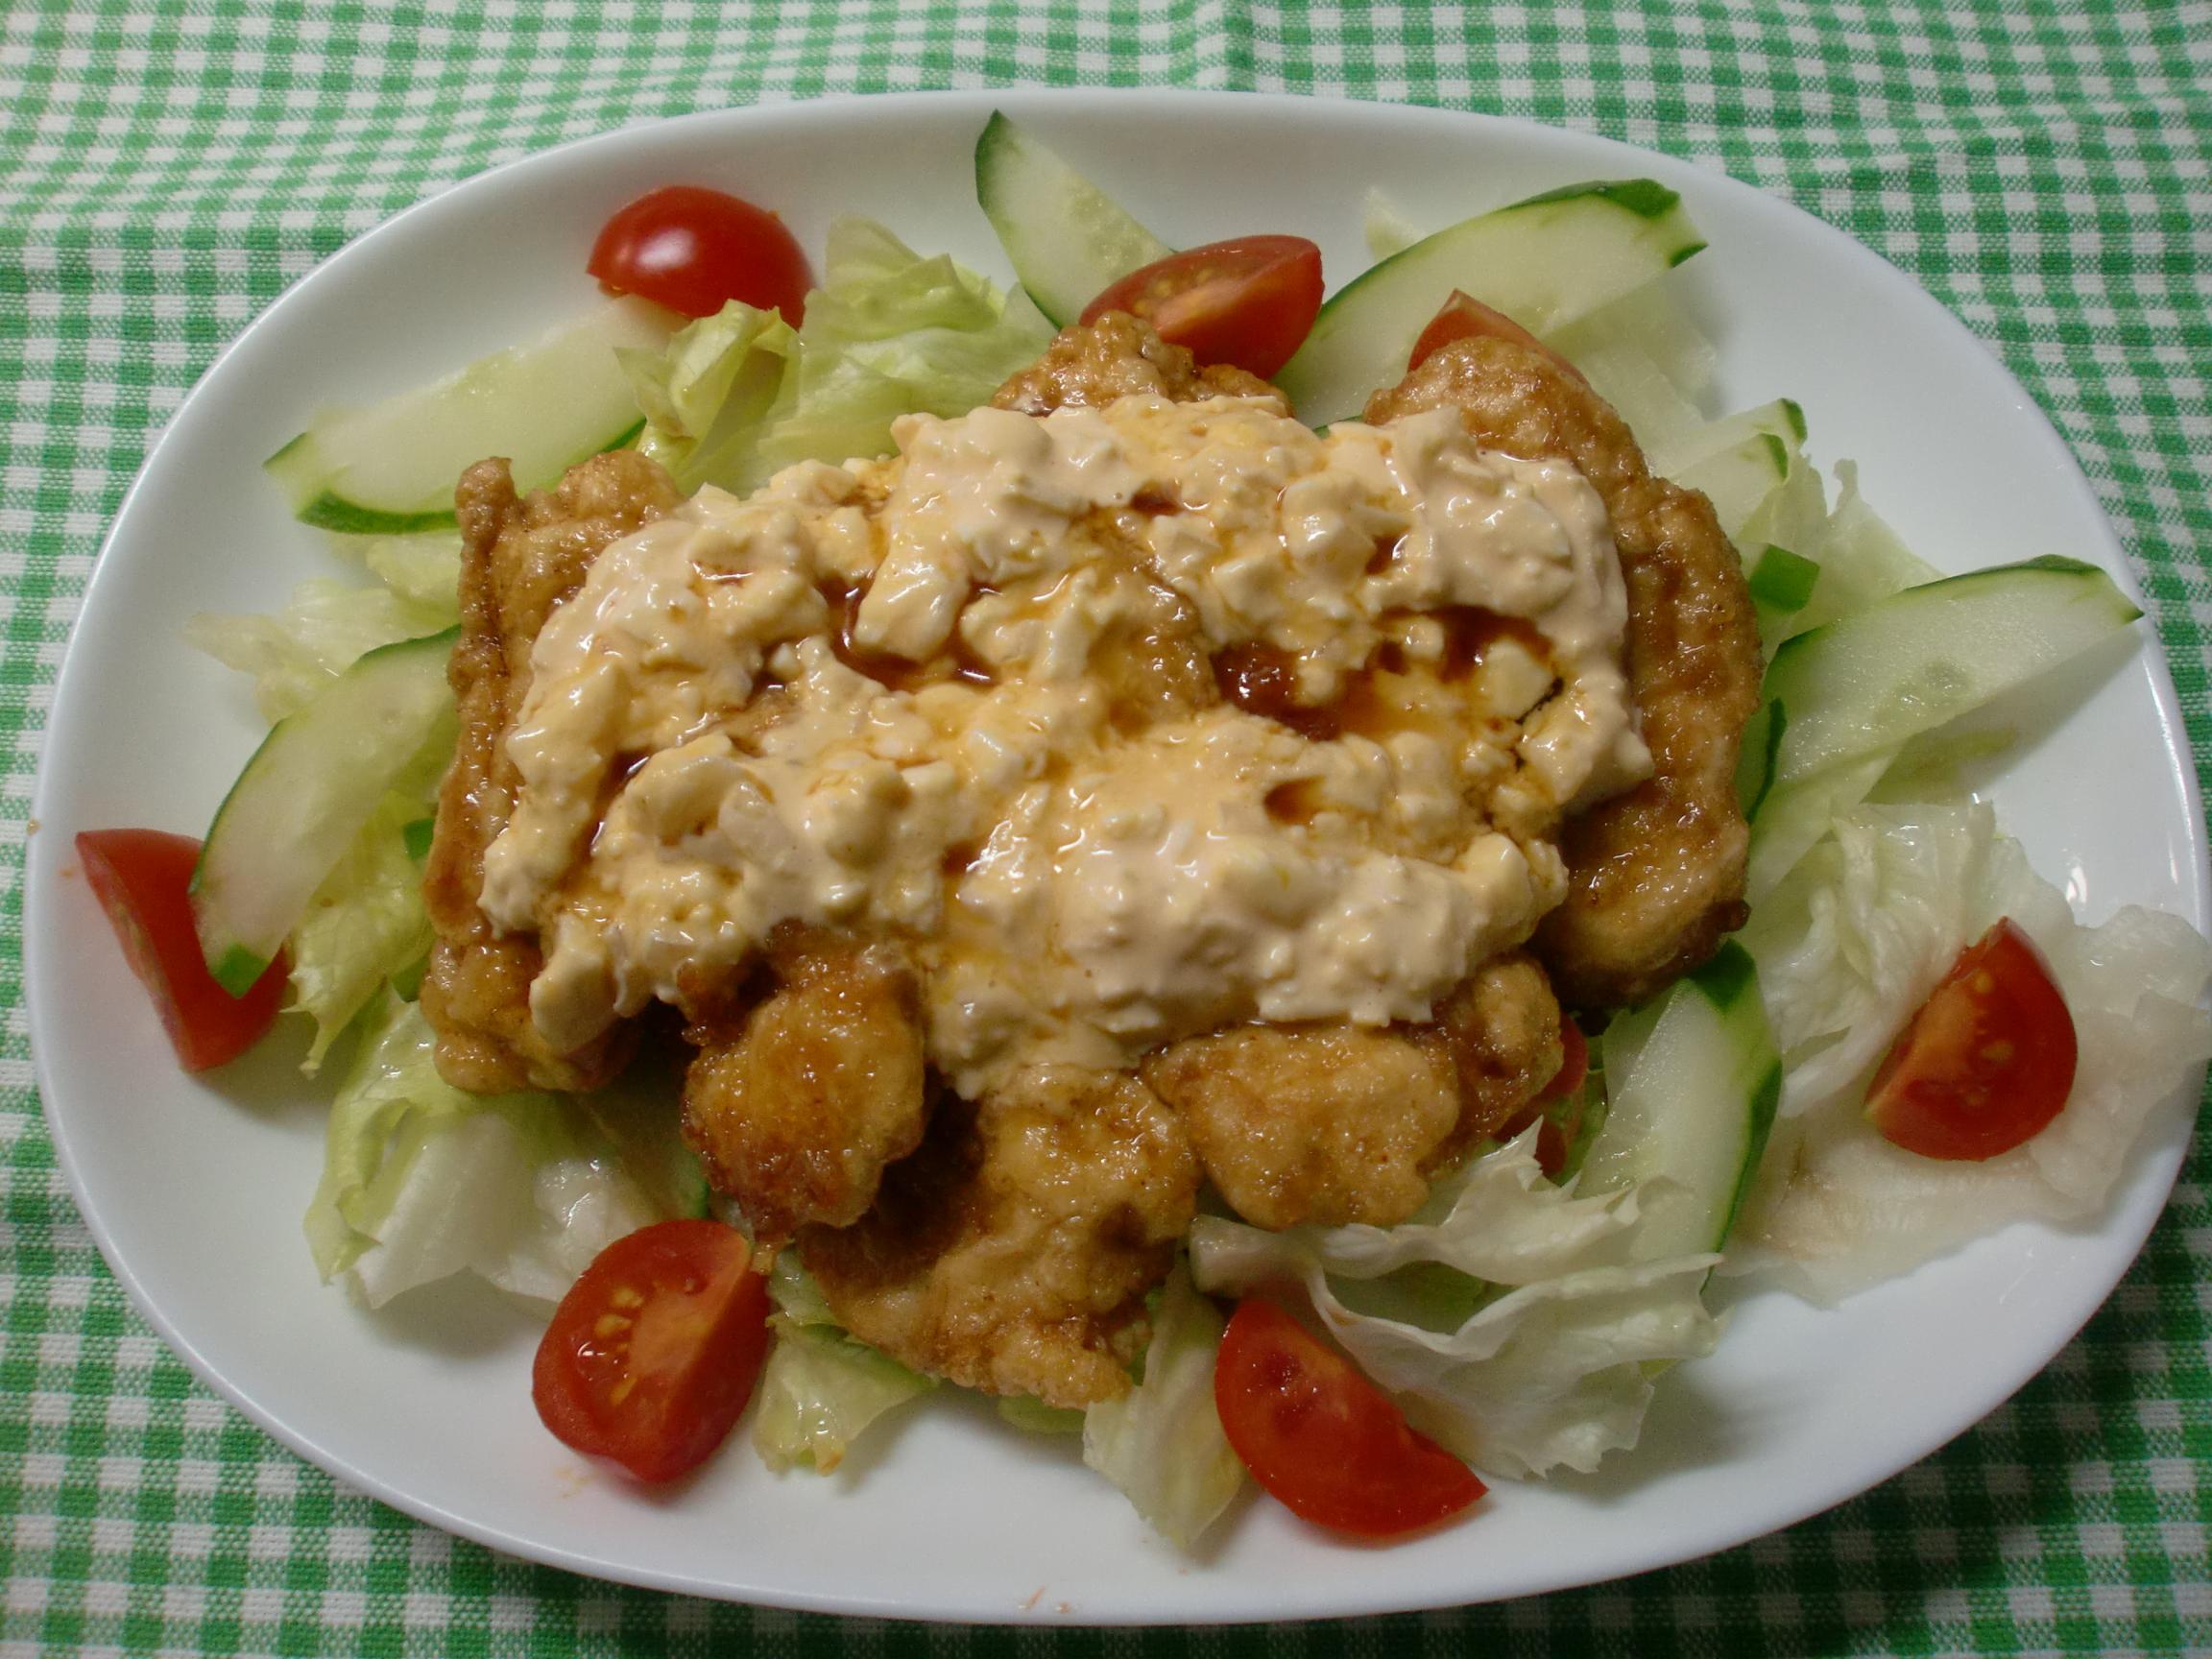 【減塩レシピ】野菜も取れるタルタルソースがけのチキン南蛮